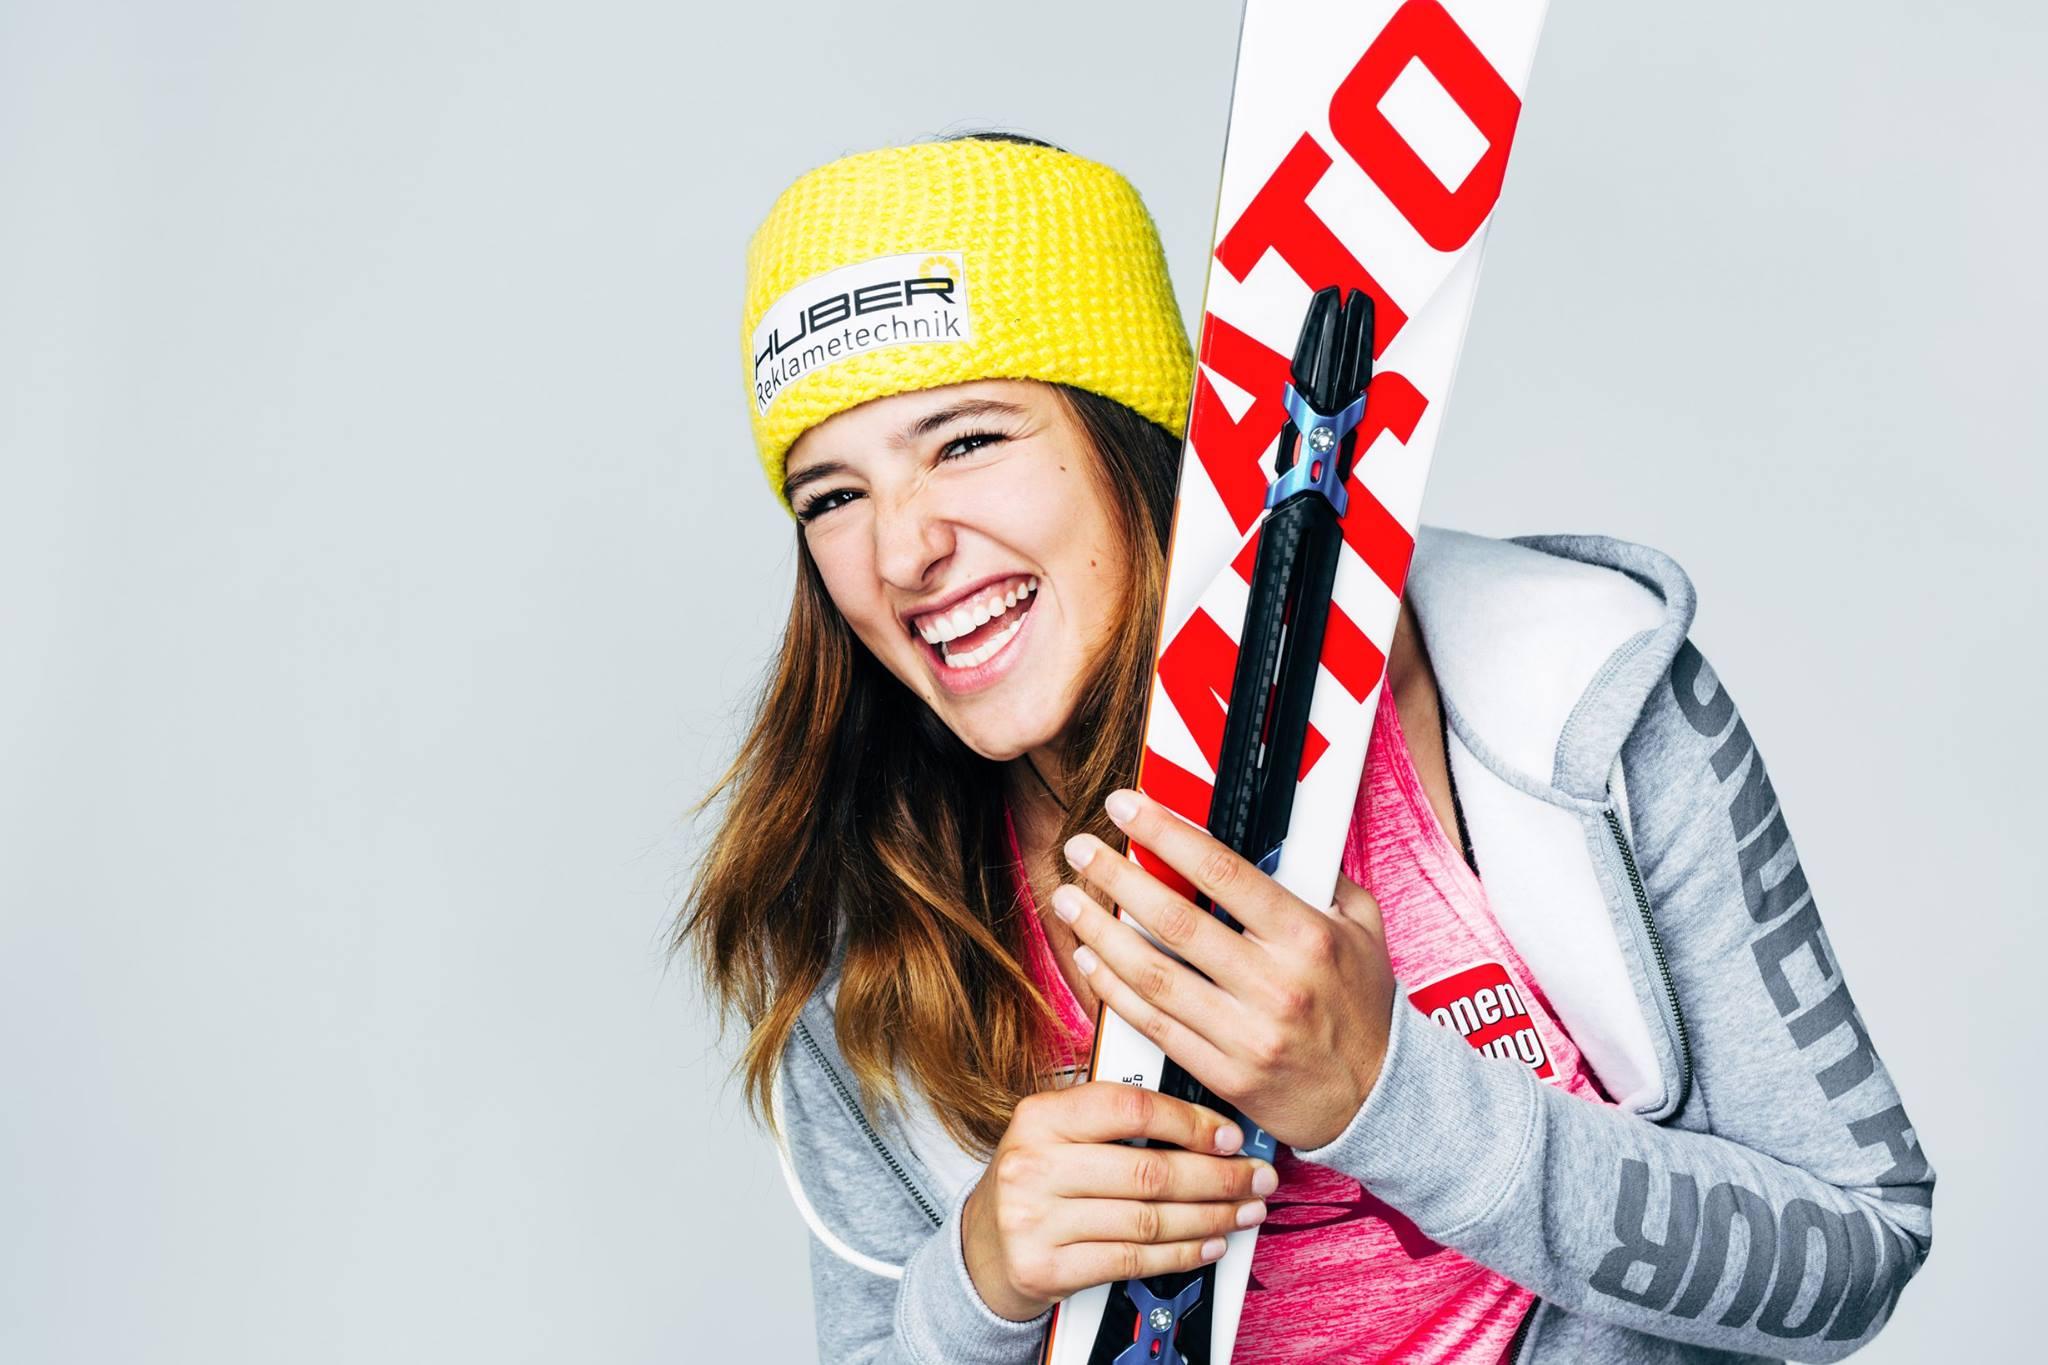 Katharina Huber mit ÖSV Weltcup Trainingsgruppe auf dem Weg nach Neuseeland